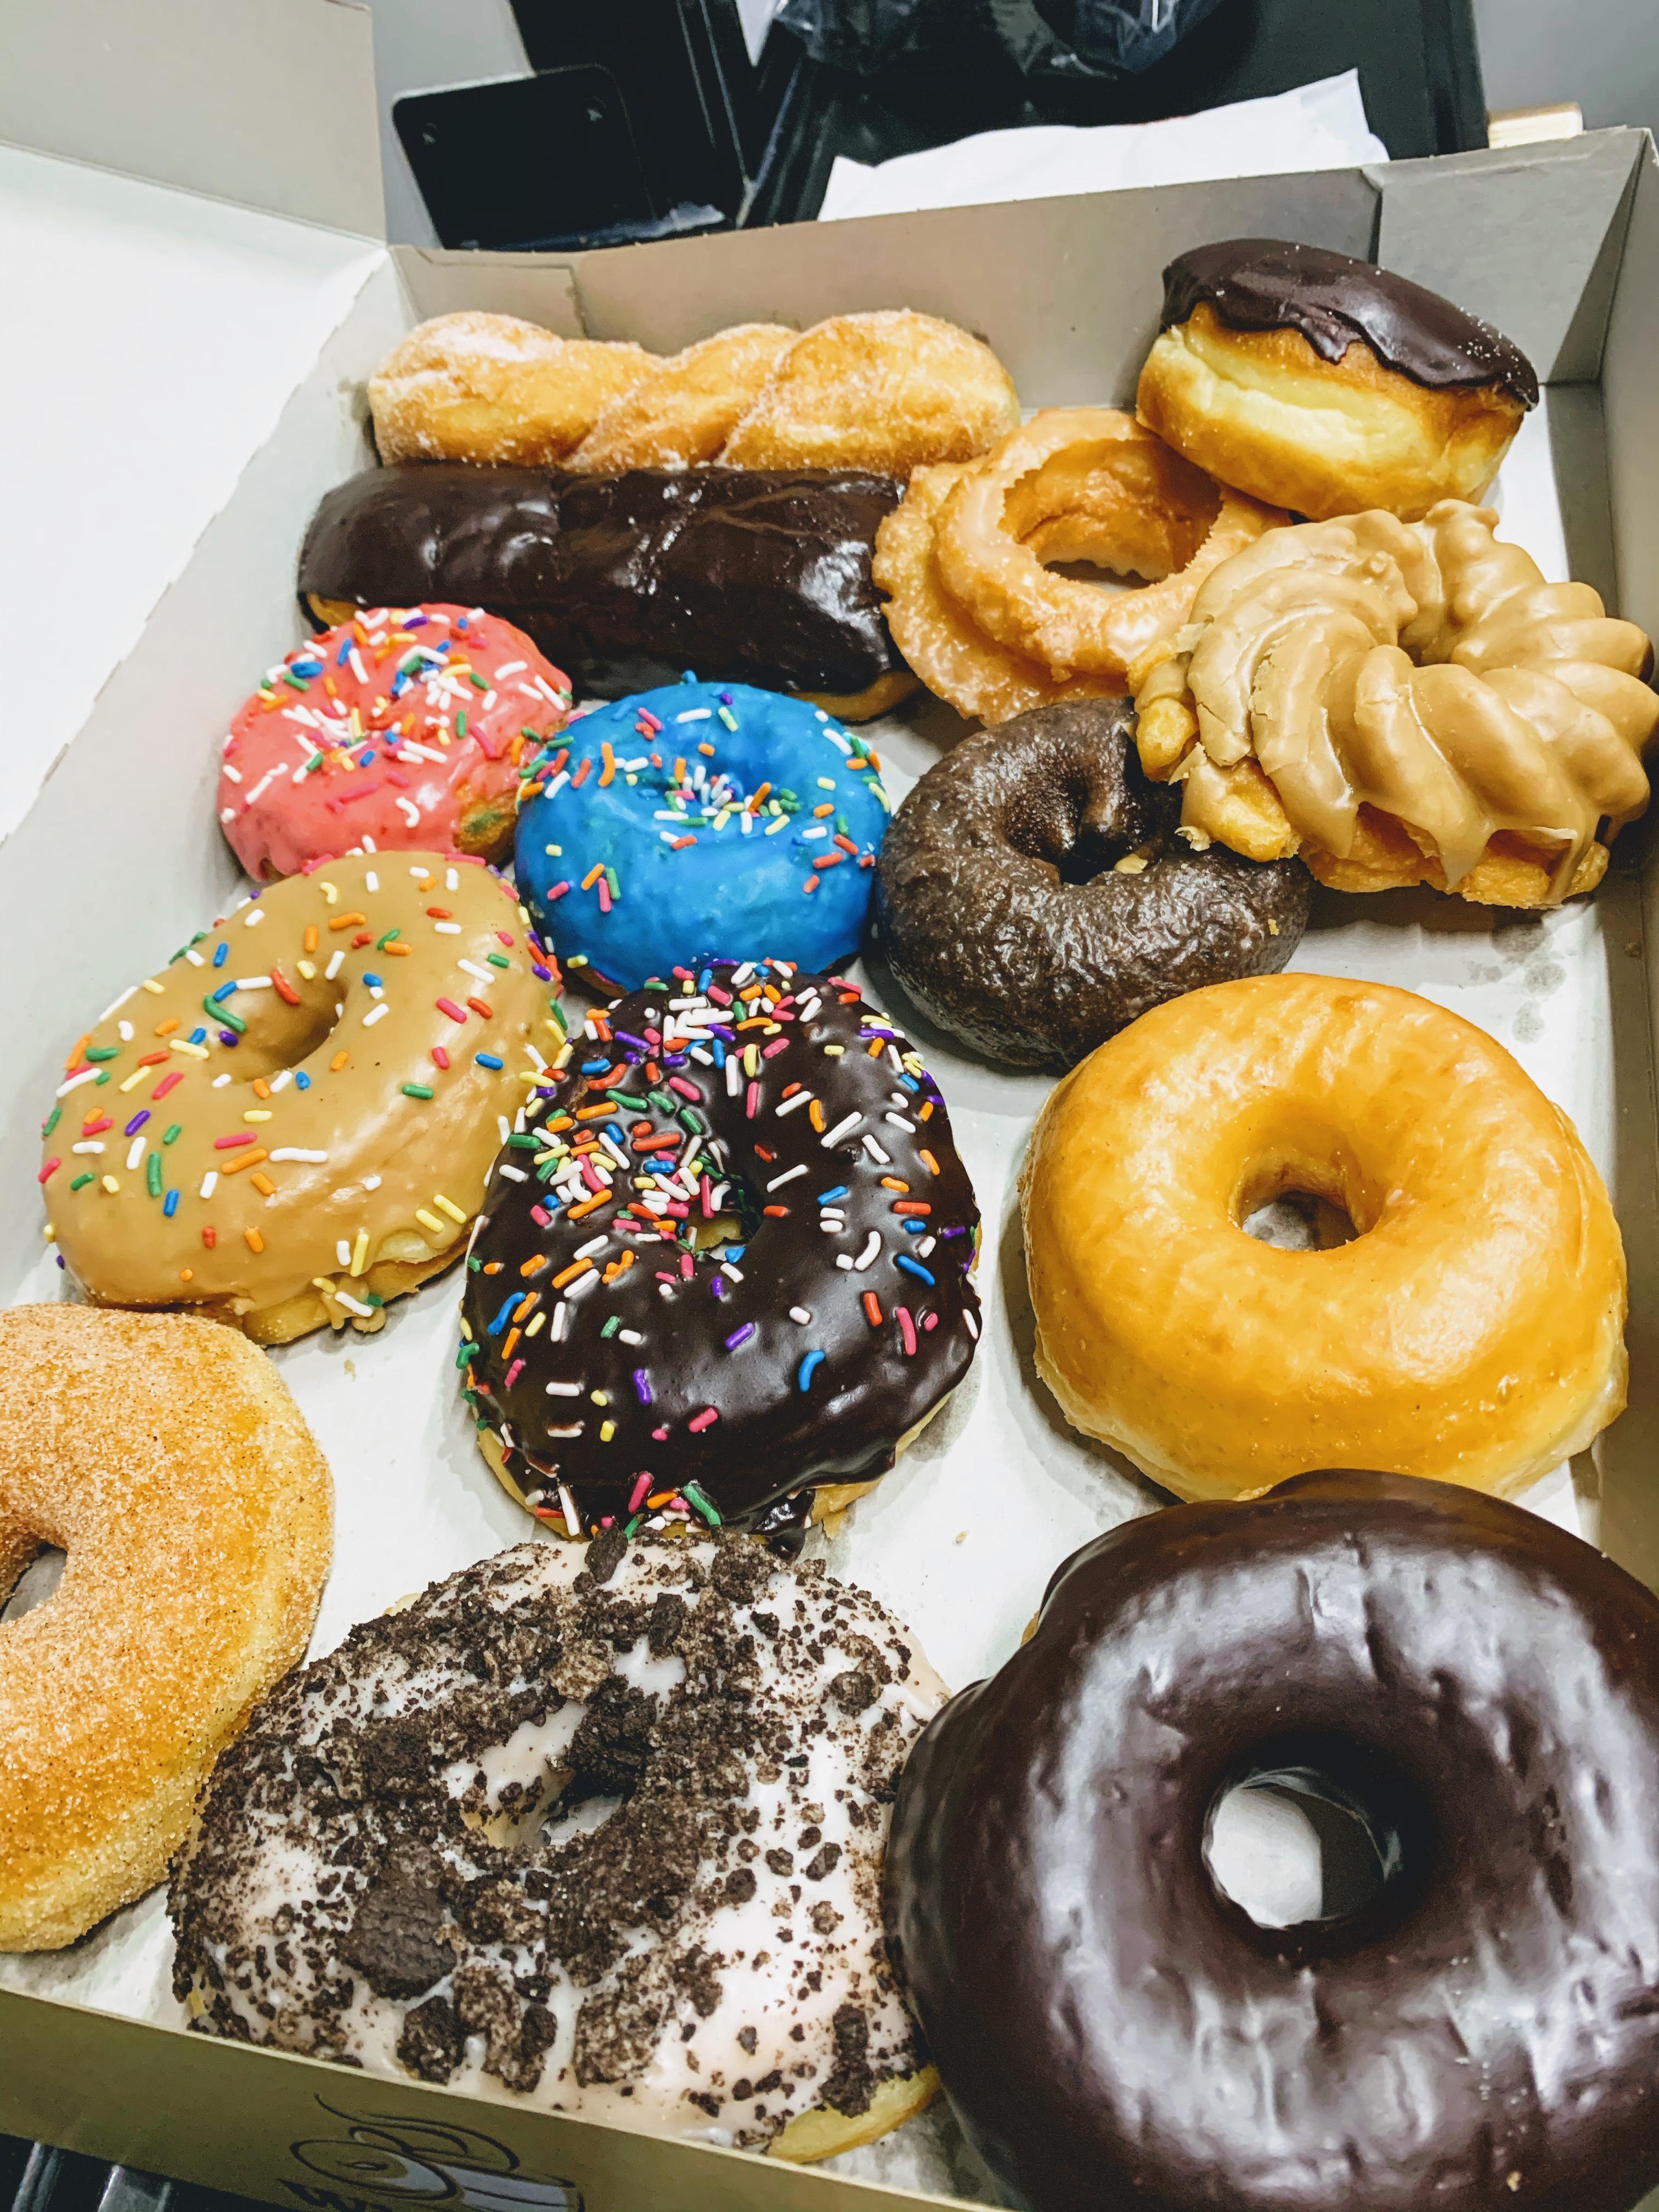 Baker's dozen + 1 of donuts